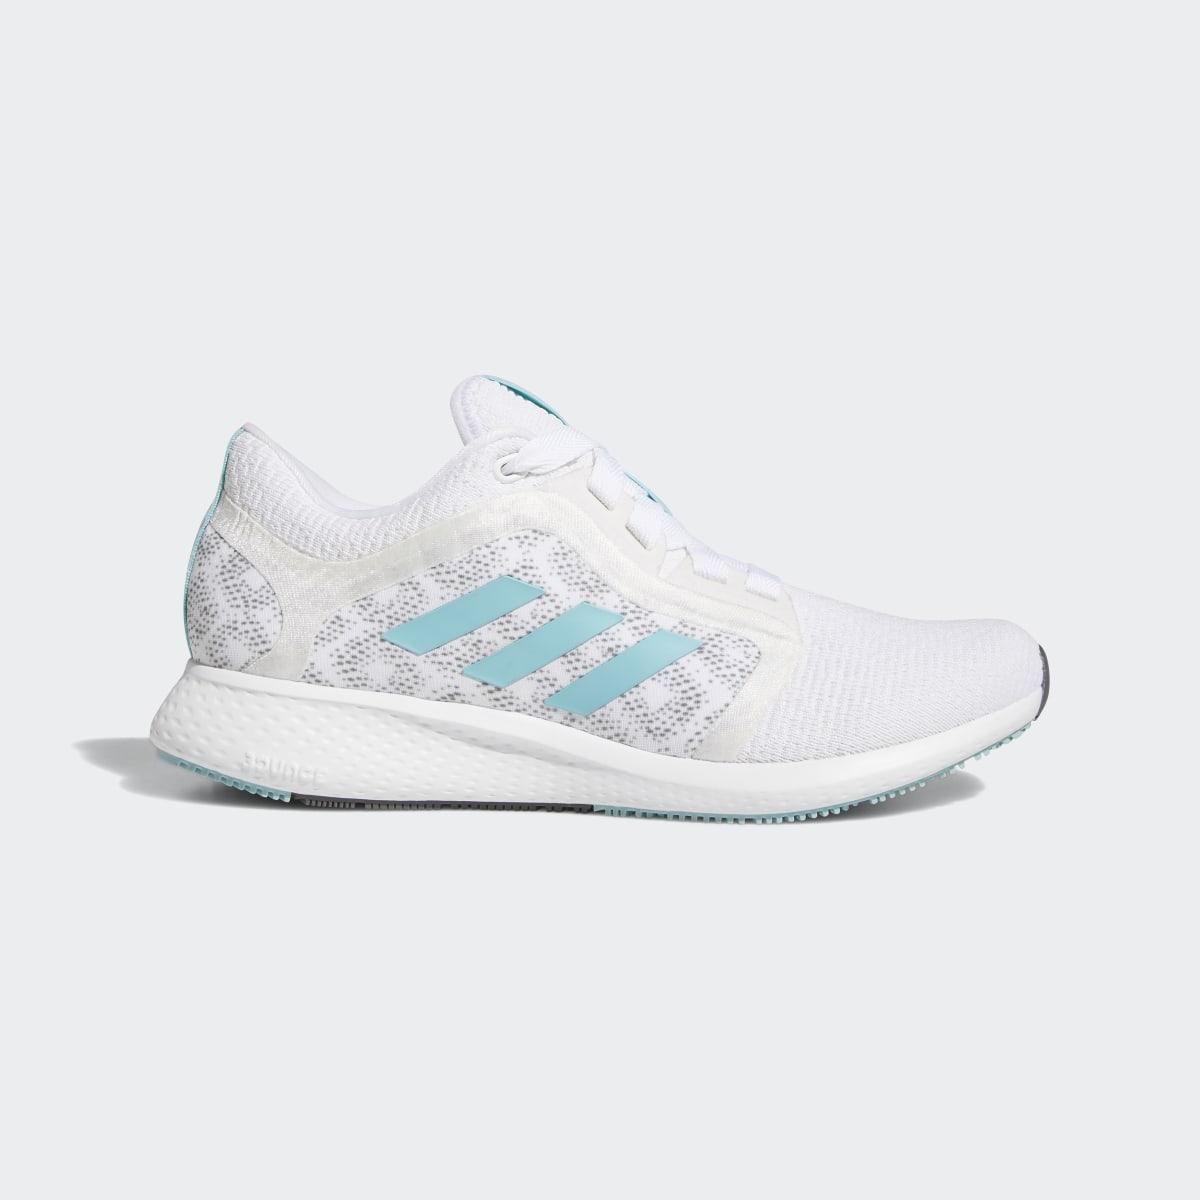 Edge Lux 4 Primeblue Shoes